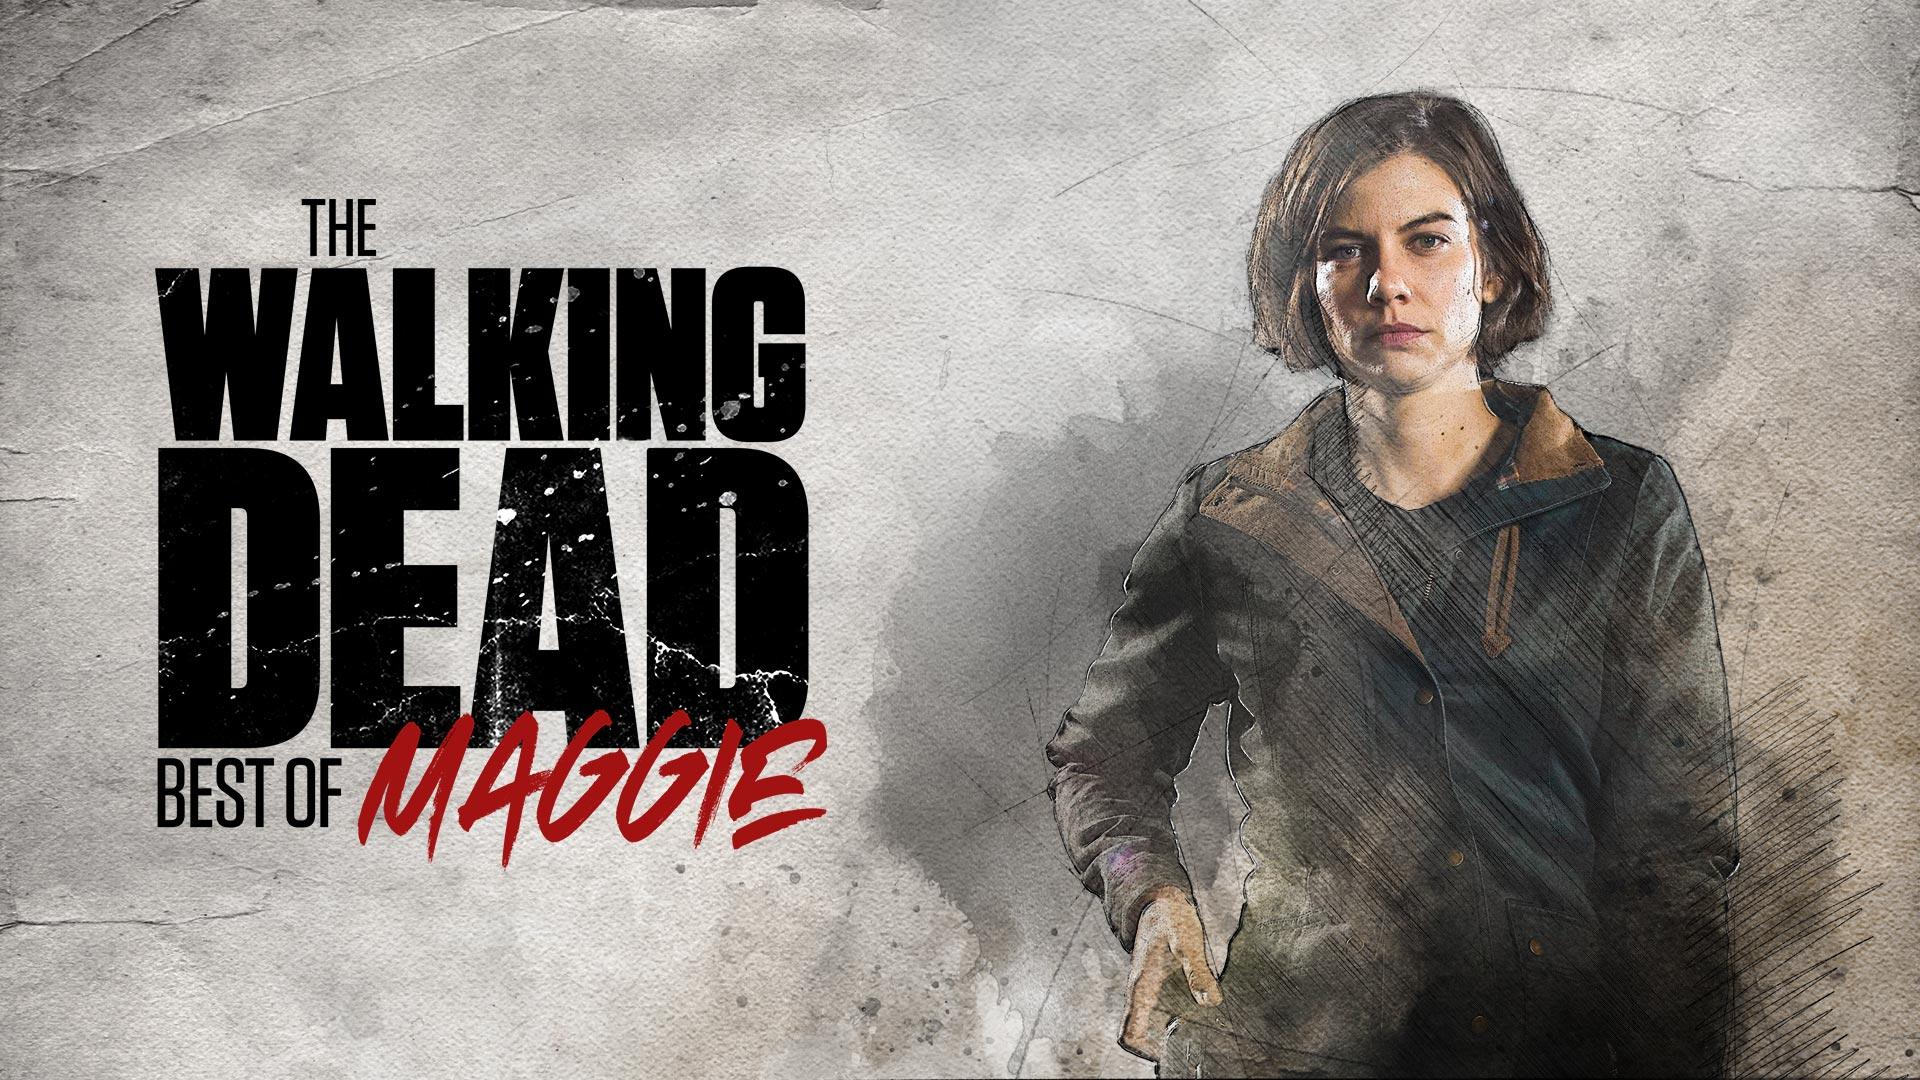 The Walking Dead: Best of Maggie, Season 1